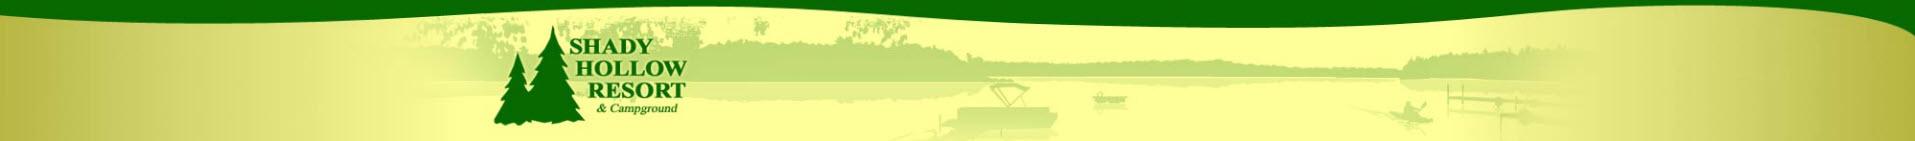 header-logo-graphic